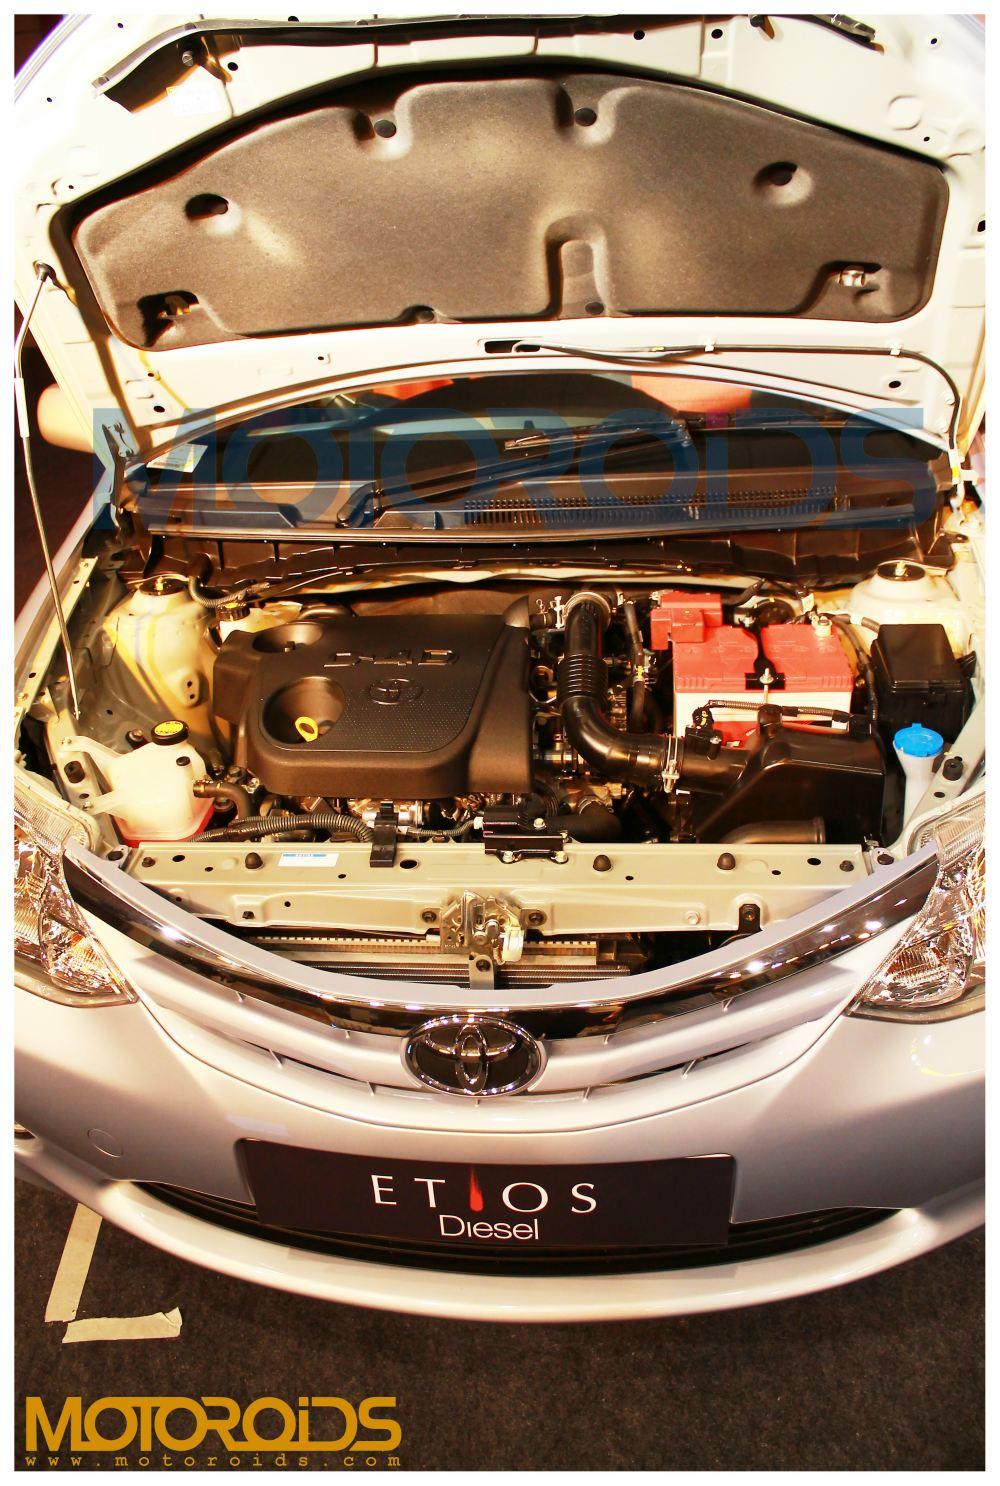 Etios sedan engine